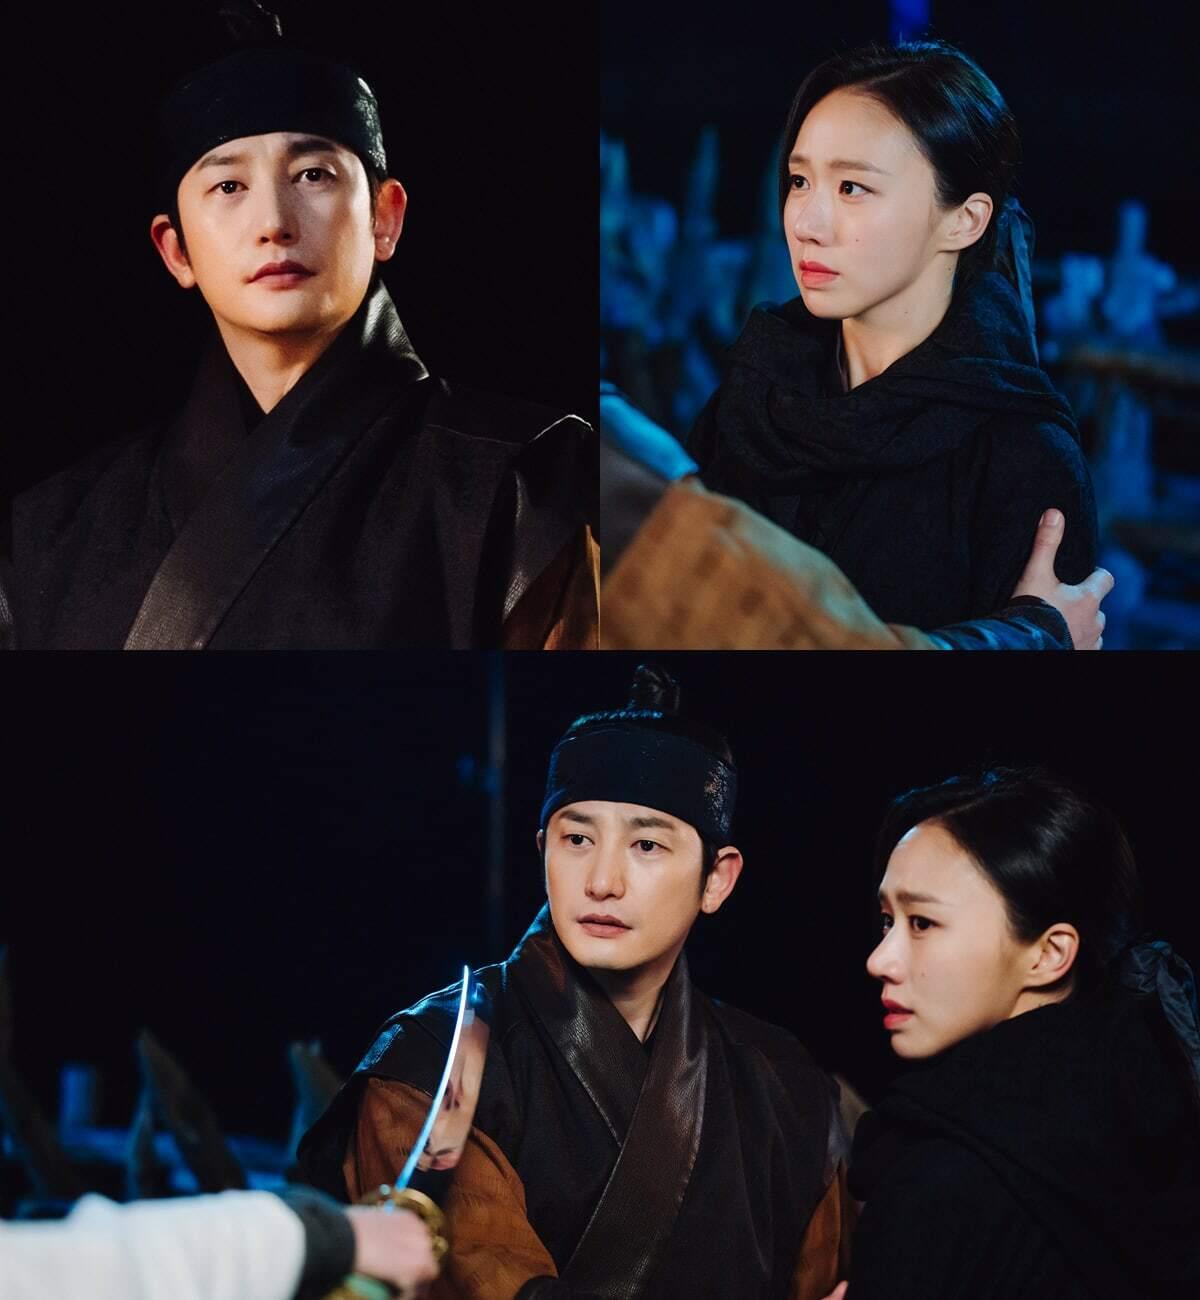 Drama Hàn 2020 tràn ngập cặp đôi lệch cả chục tuổi - 11